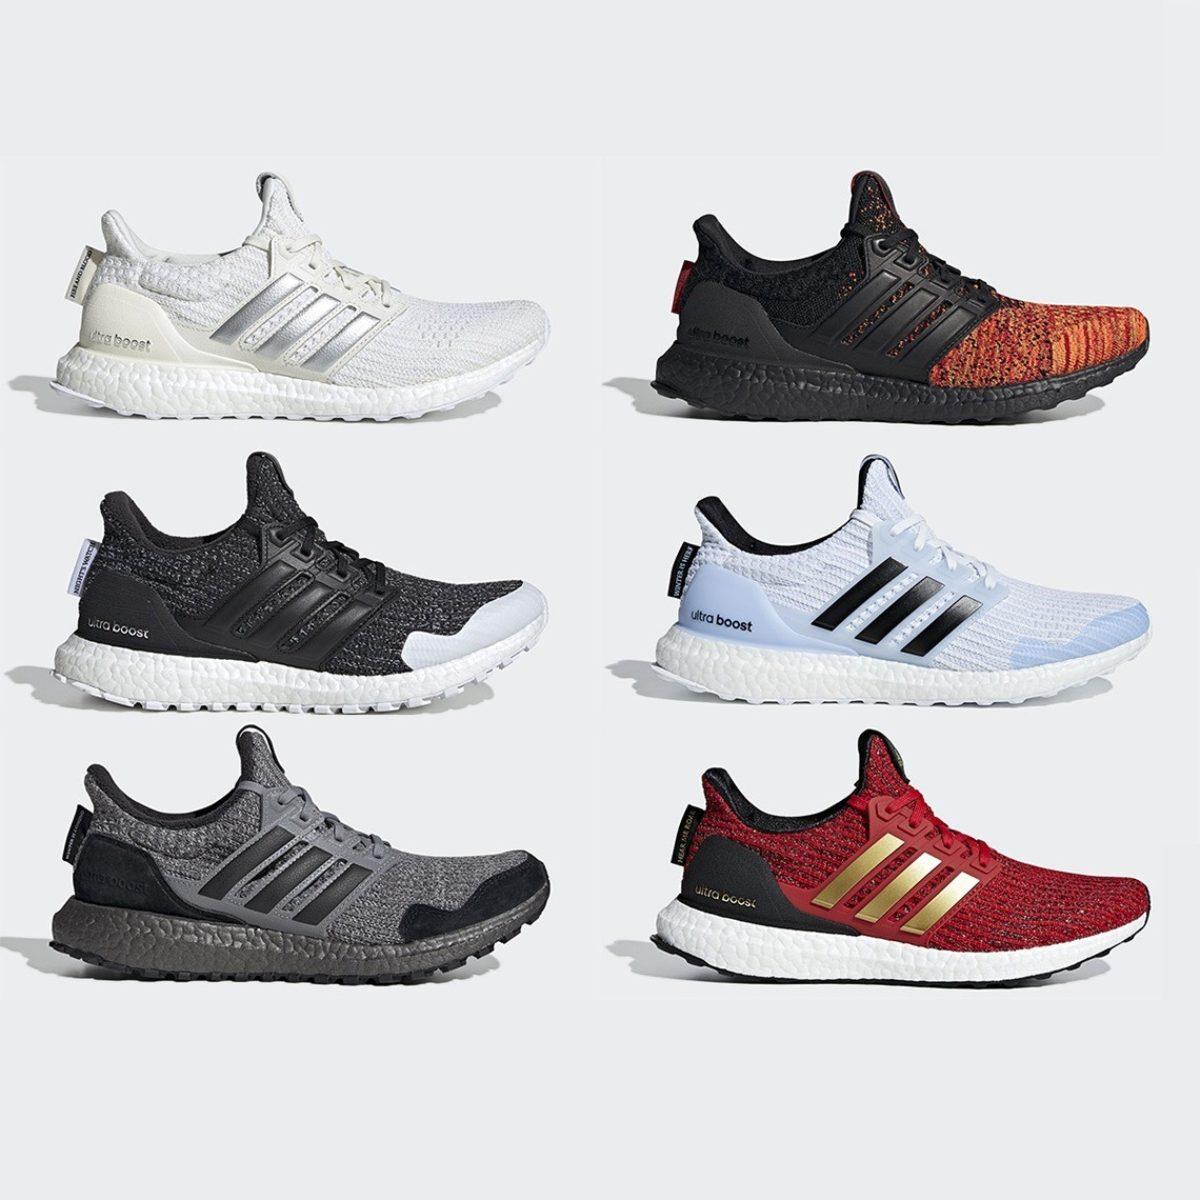 Adidas Game of Thrones buty w sam raz na premierę